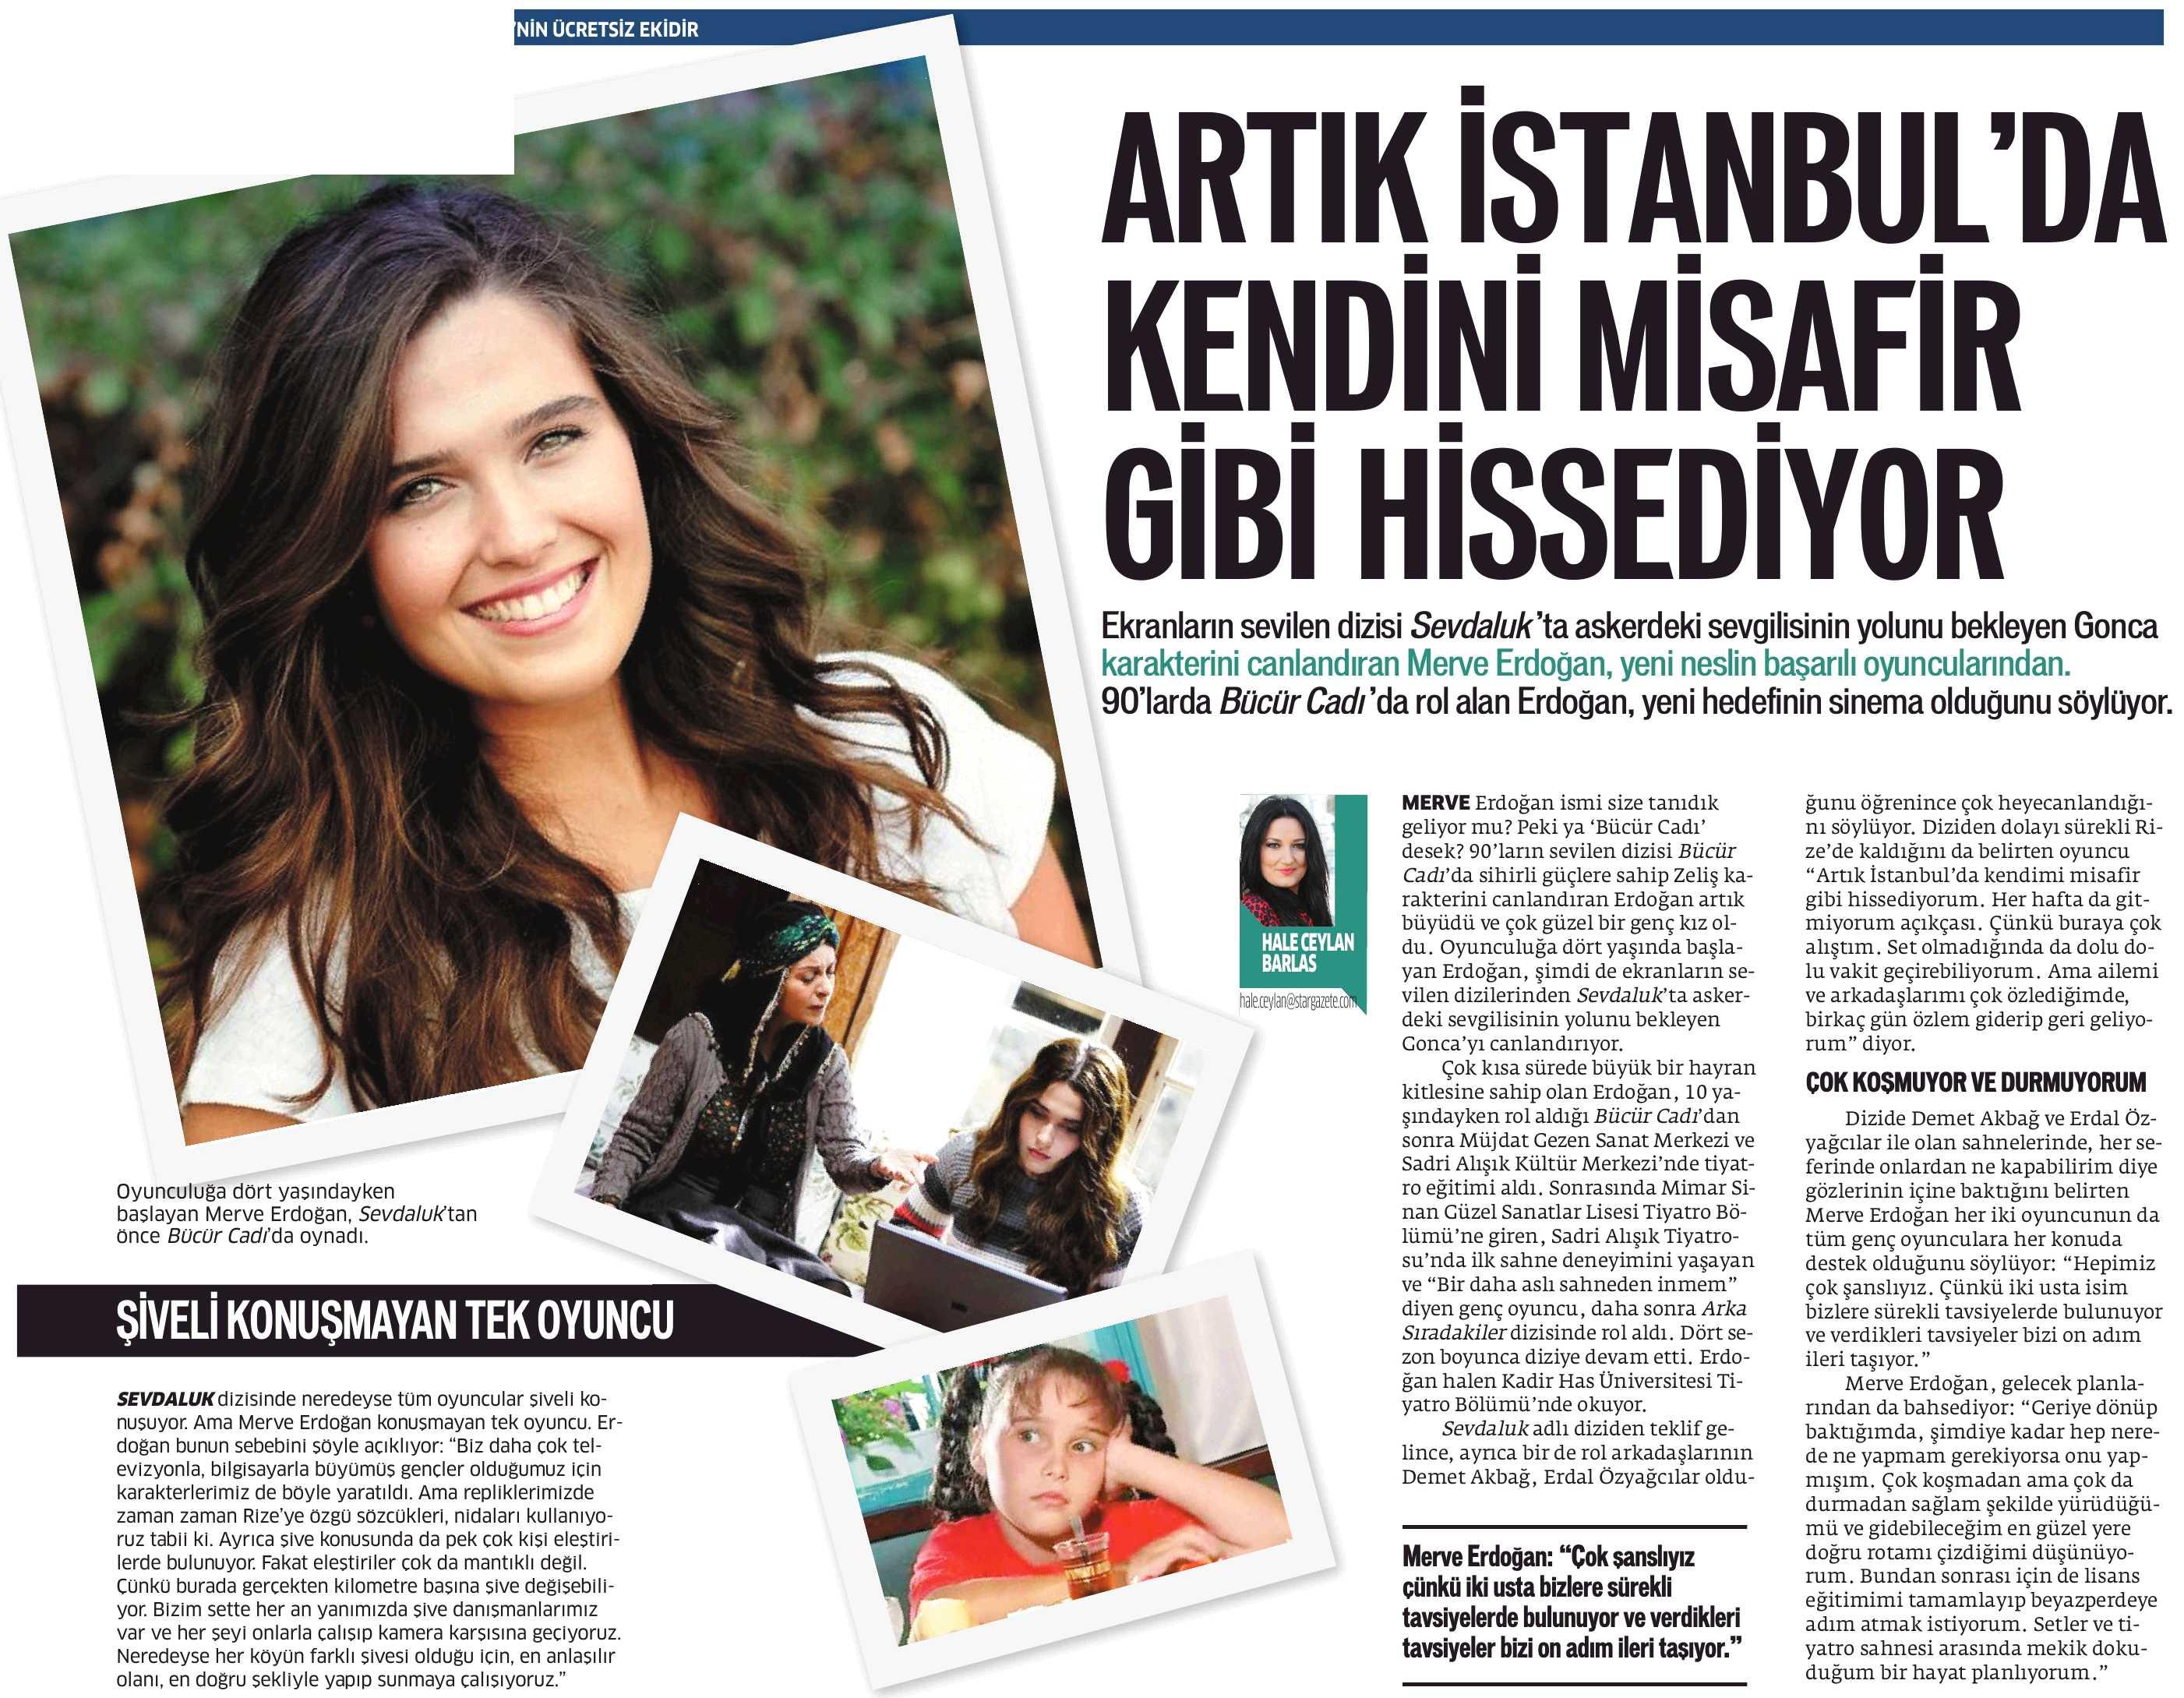 Merve Erdoğan - Star Gazetesi Röportajı